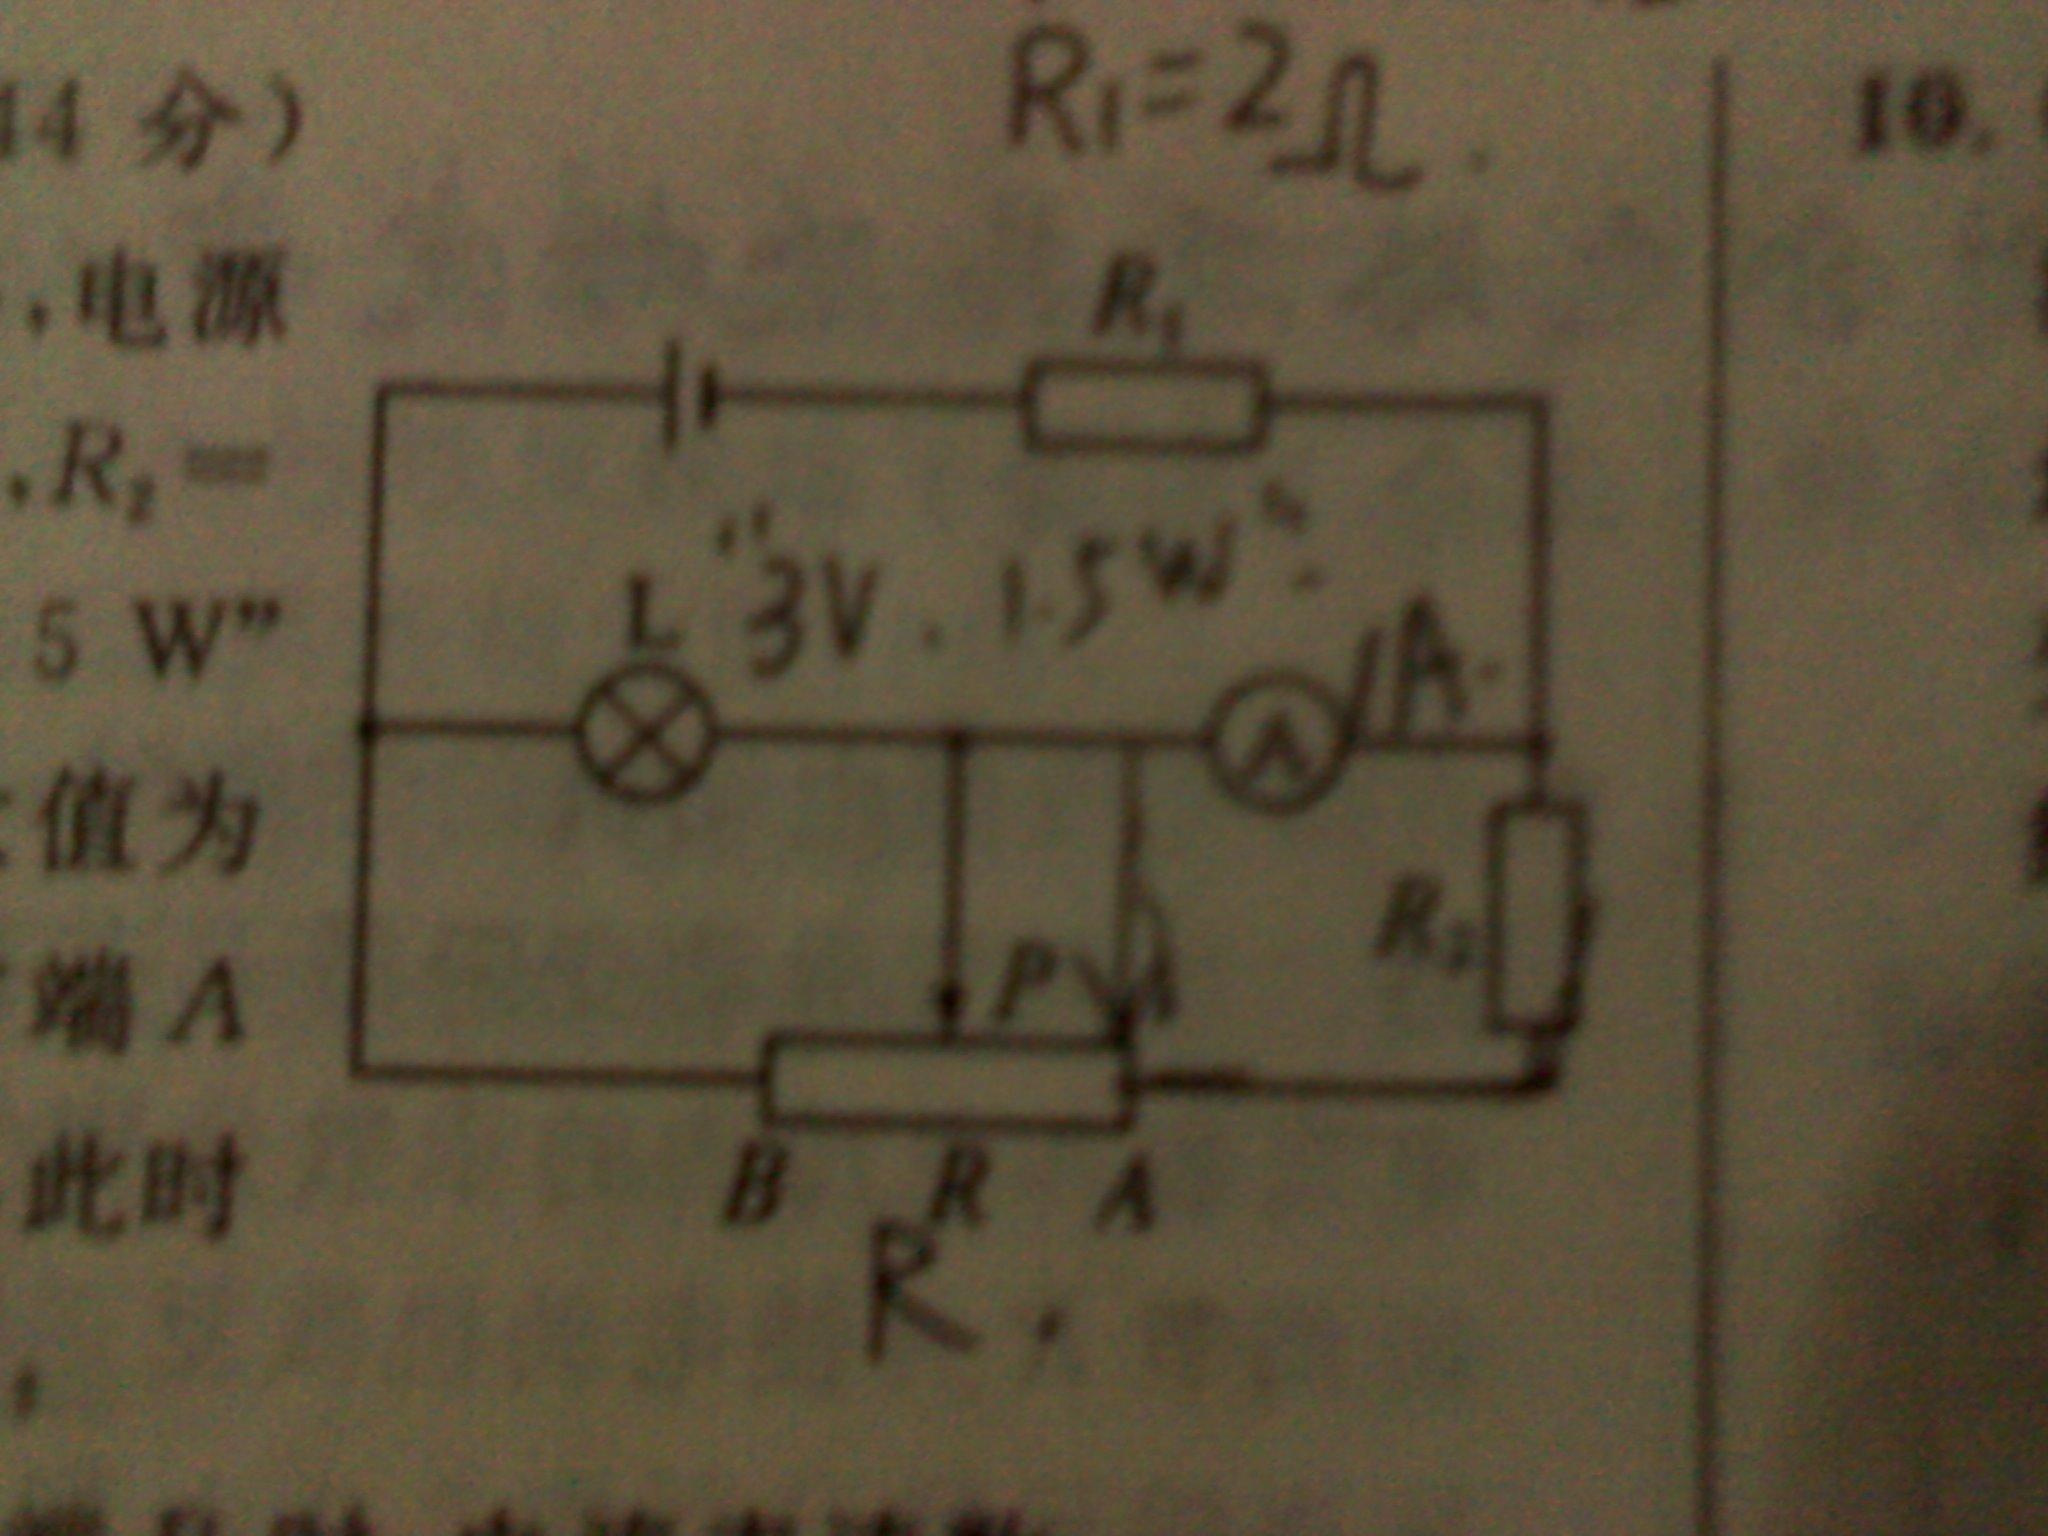 高三物理二轮复习 整合测试 电路和电磁感应专题突破系列小题狂练大题